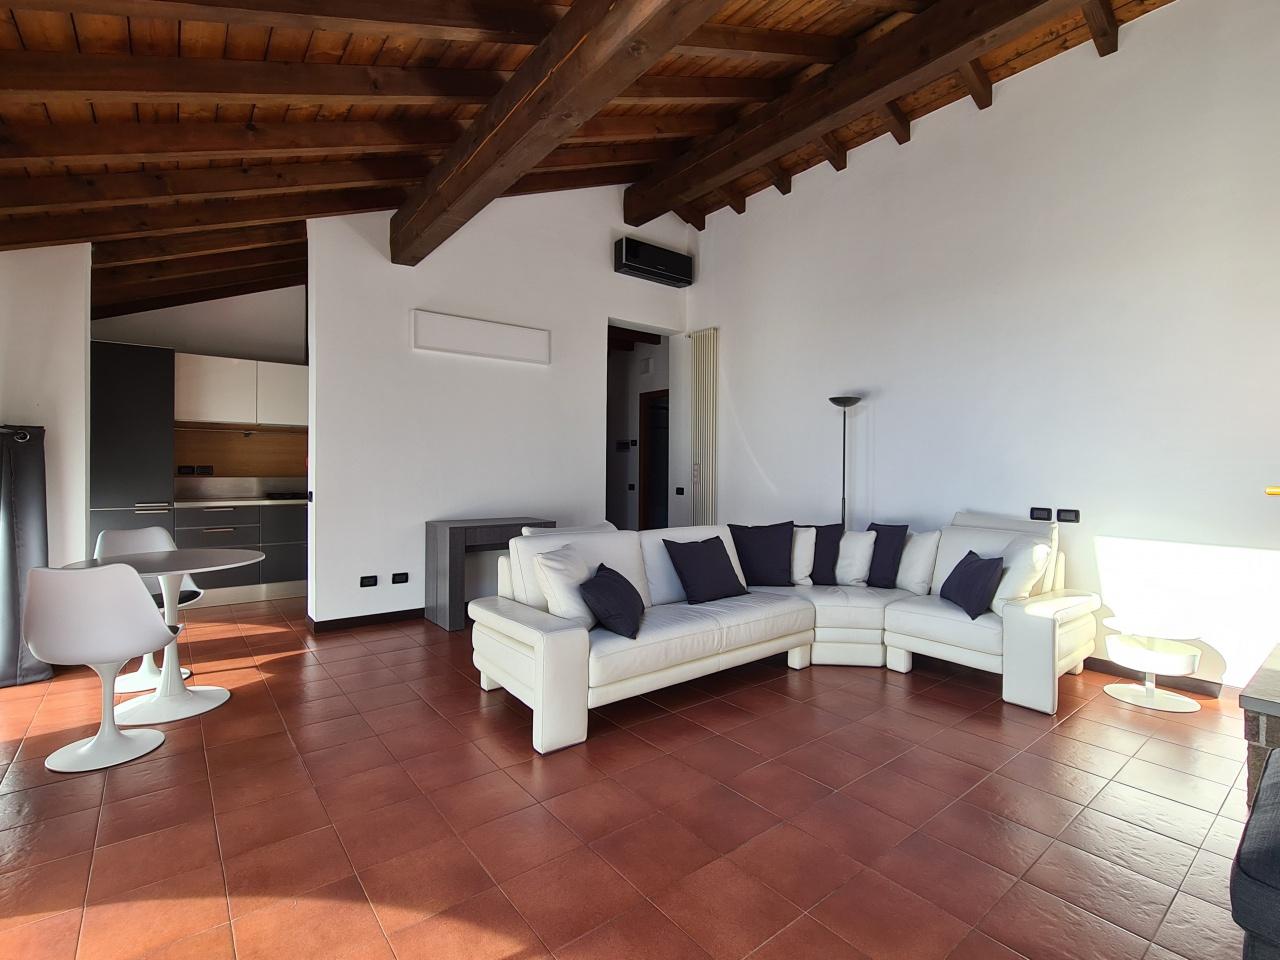 Appartamento in affitto a Calvenzano, 3 locali, prezzo € 700 | PortaleAgenzieImmobiliari.it